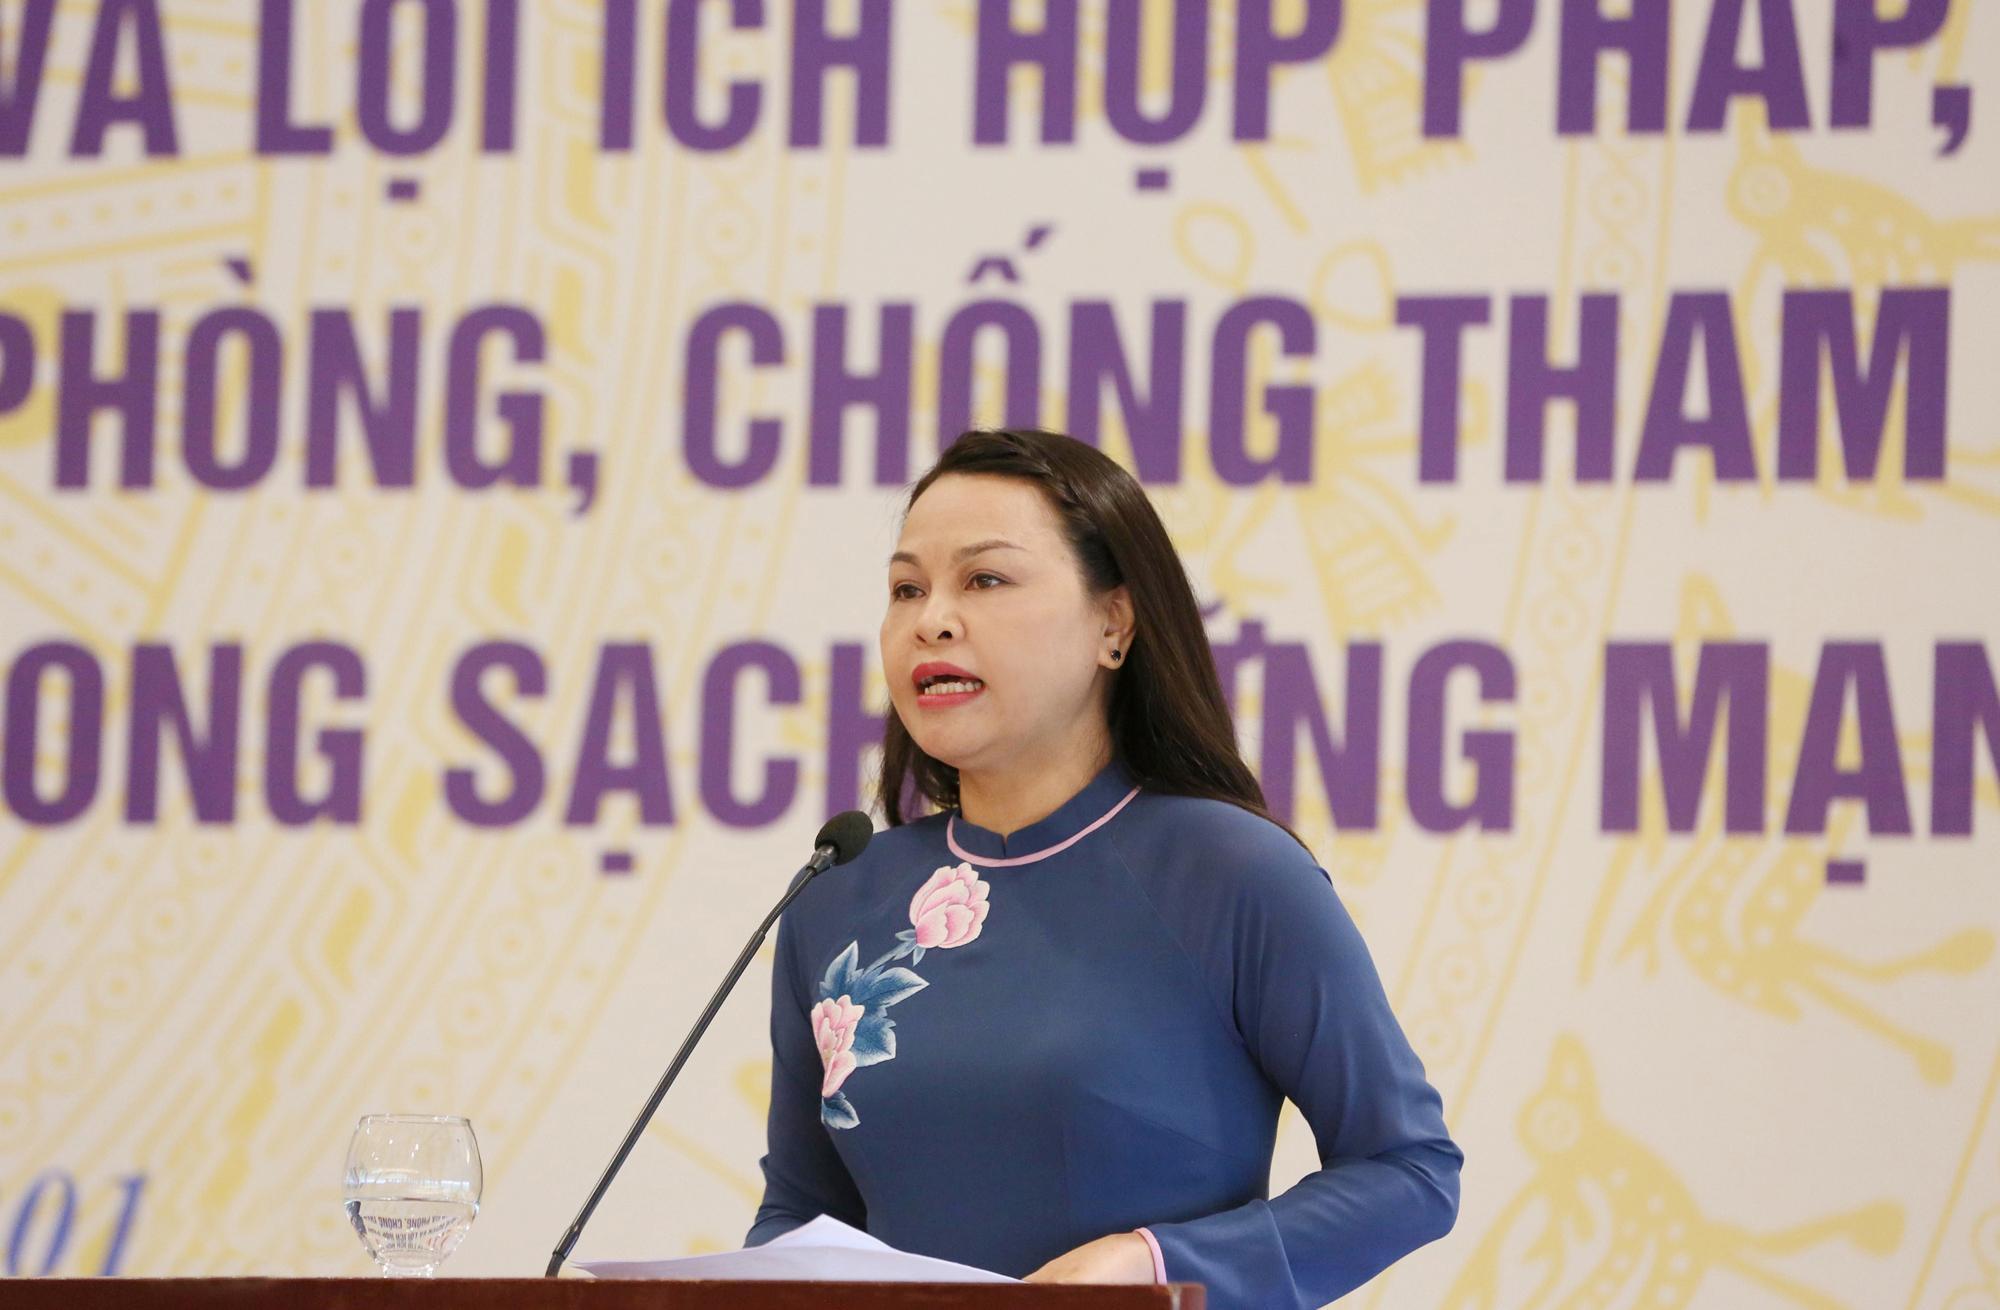 Hội LHPN Việt Nam thực hiện chức năng đại diện cho phụ nữ thông qua hoạt động giám sát và phản biện xã hội Ảnh 1